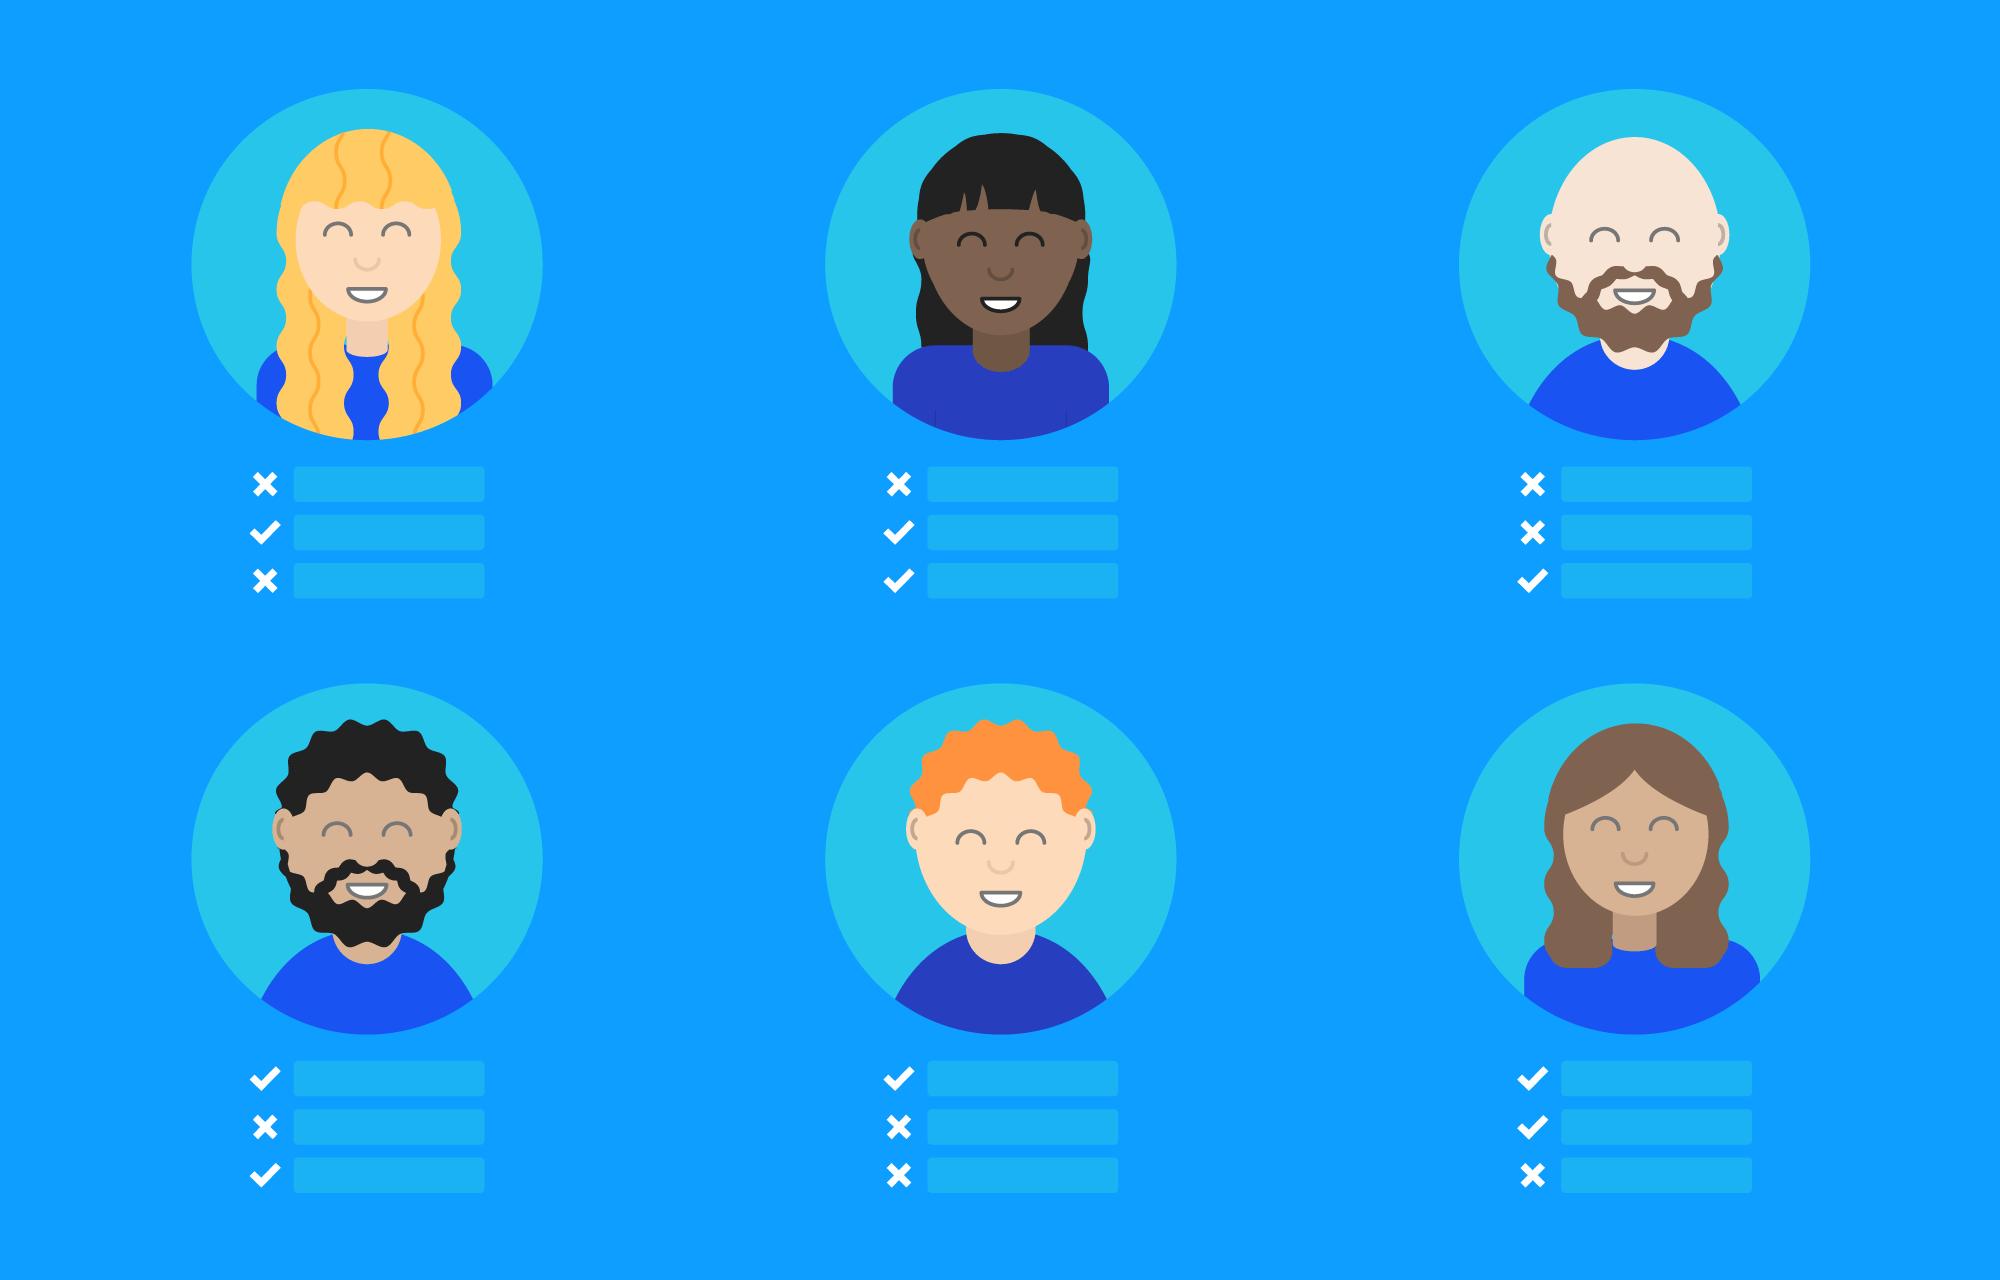 Illustrasjon av seks profilbilder av konsulenter, med checkmark eller kryss foran ulike egenskaper.